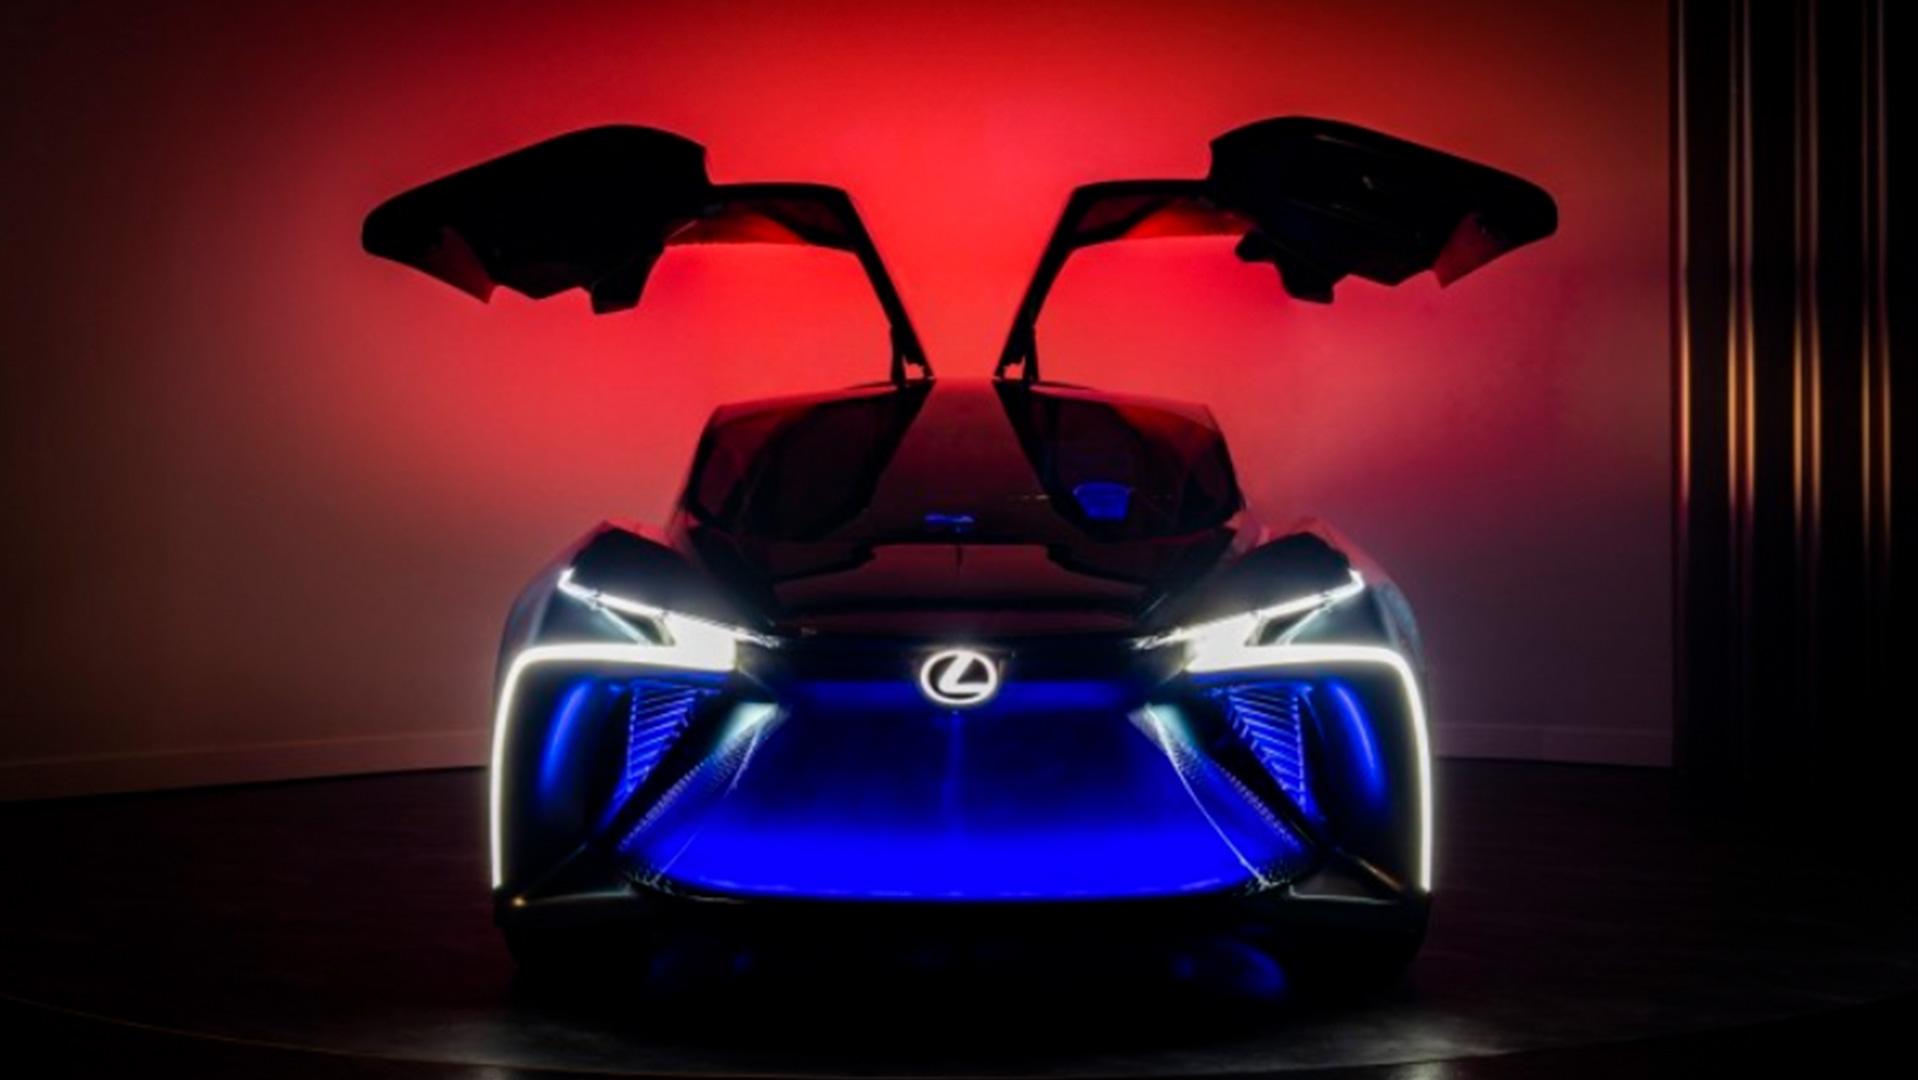 Lexus desvela el futuro del lujo hero asset